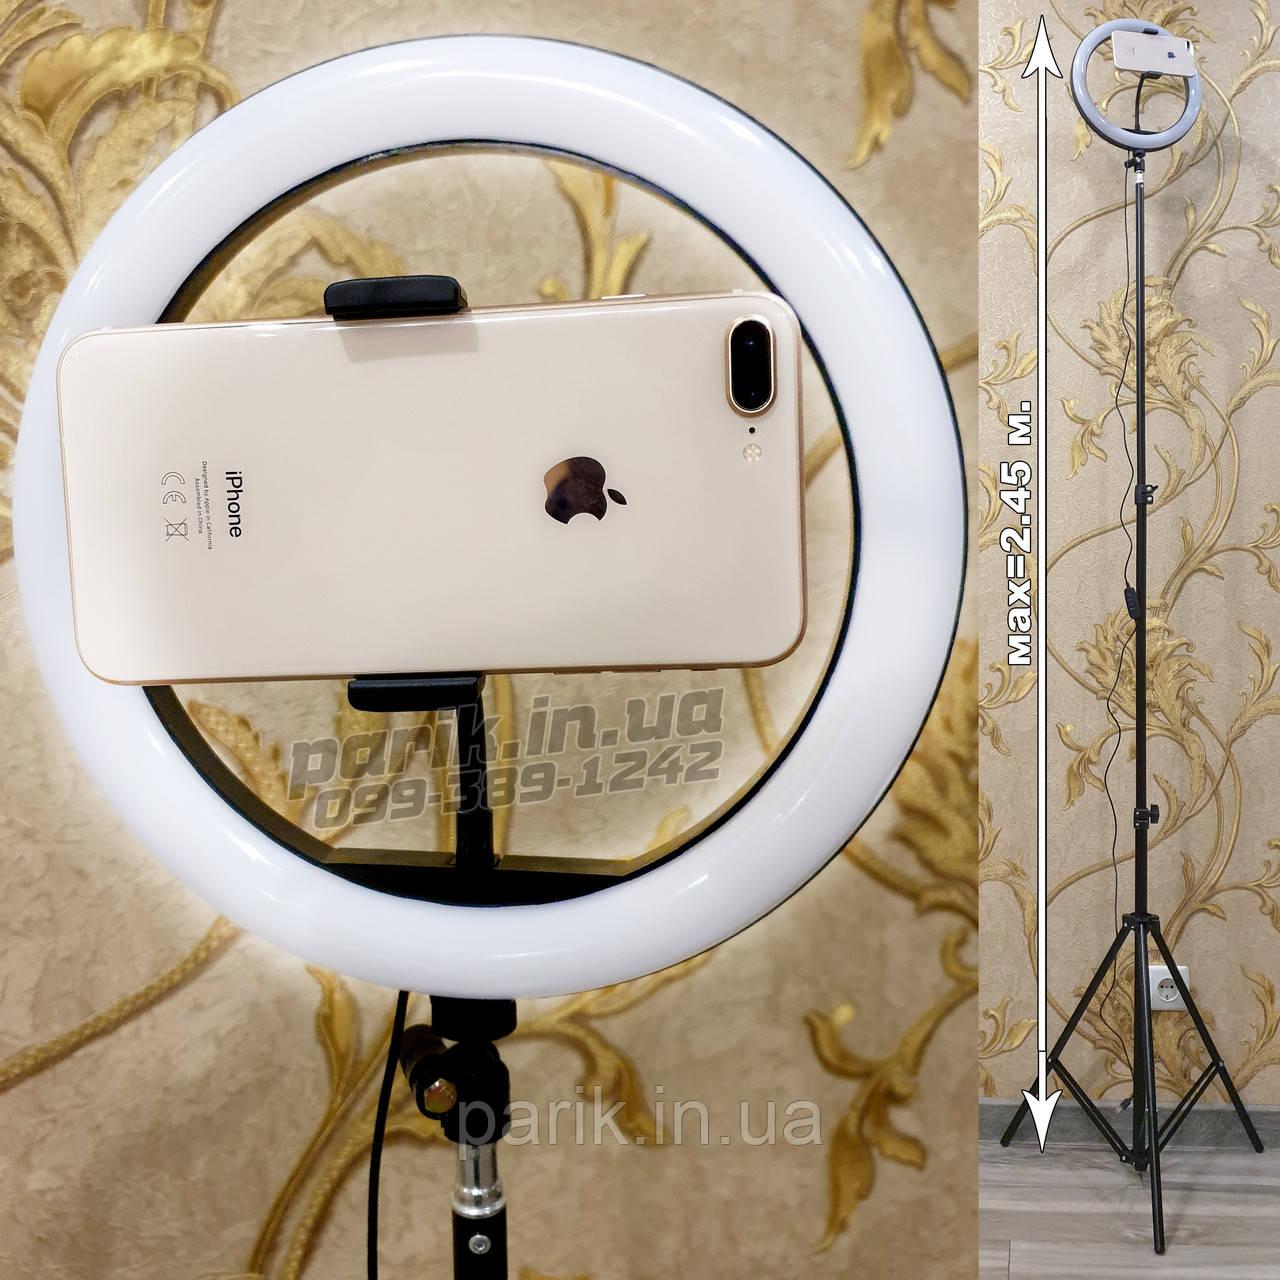 Кольцевая LED-лампа 26 см. +штатив 215 см. Кольцевая лампа 26 см